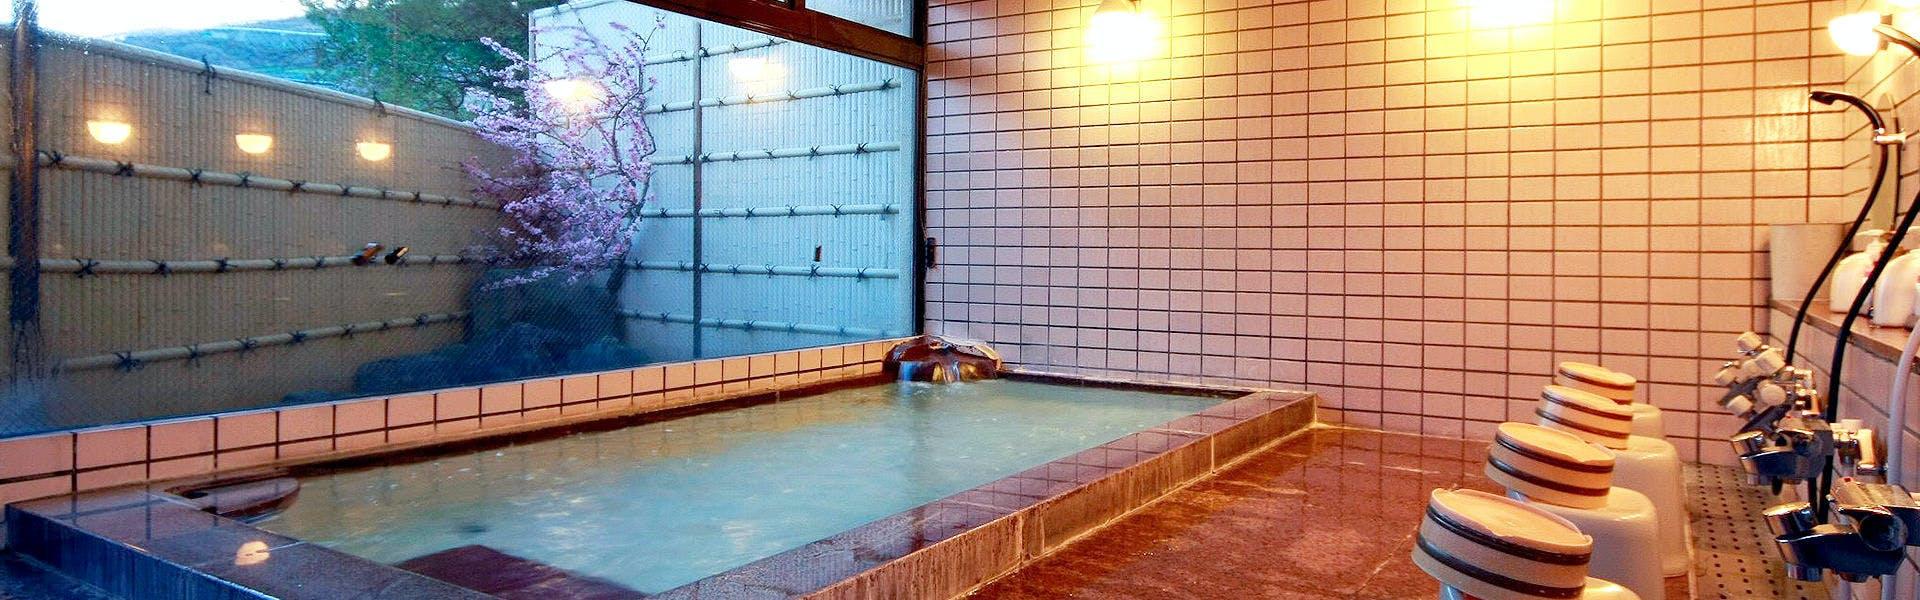 記念日におすすめのホテル・甲州最古の源泉とワインの宿 岩下温泉旅館の写真3